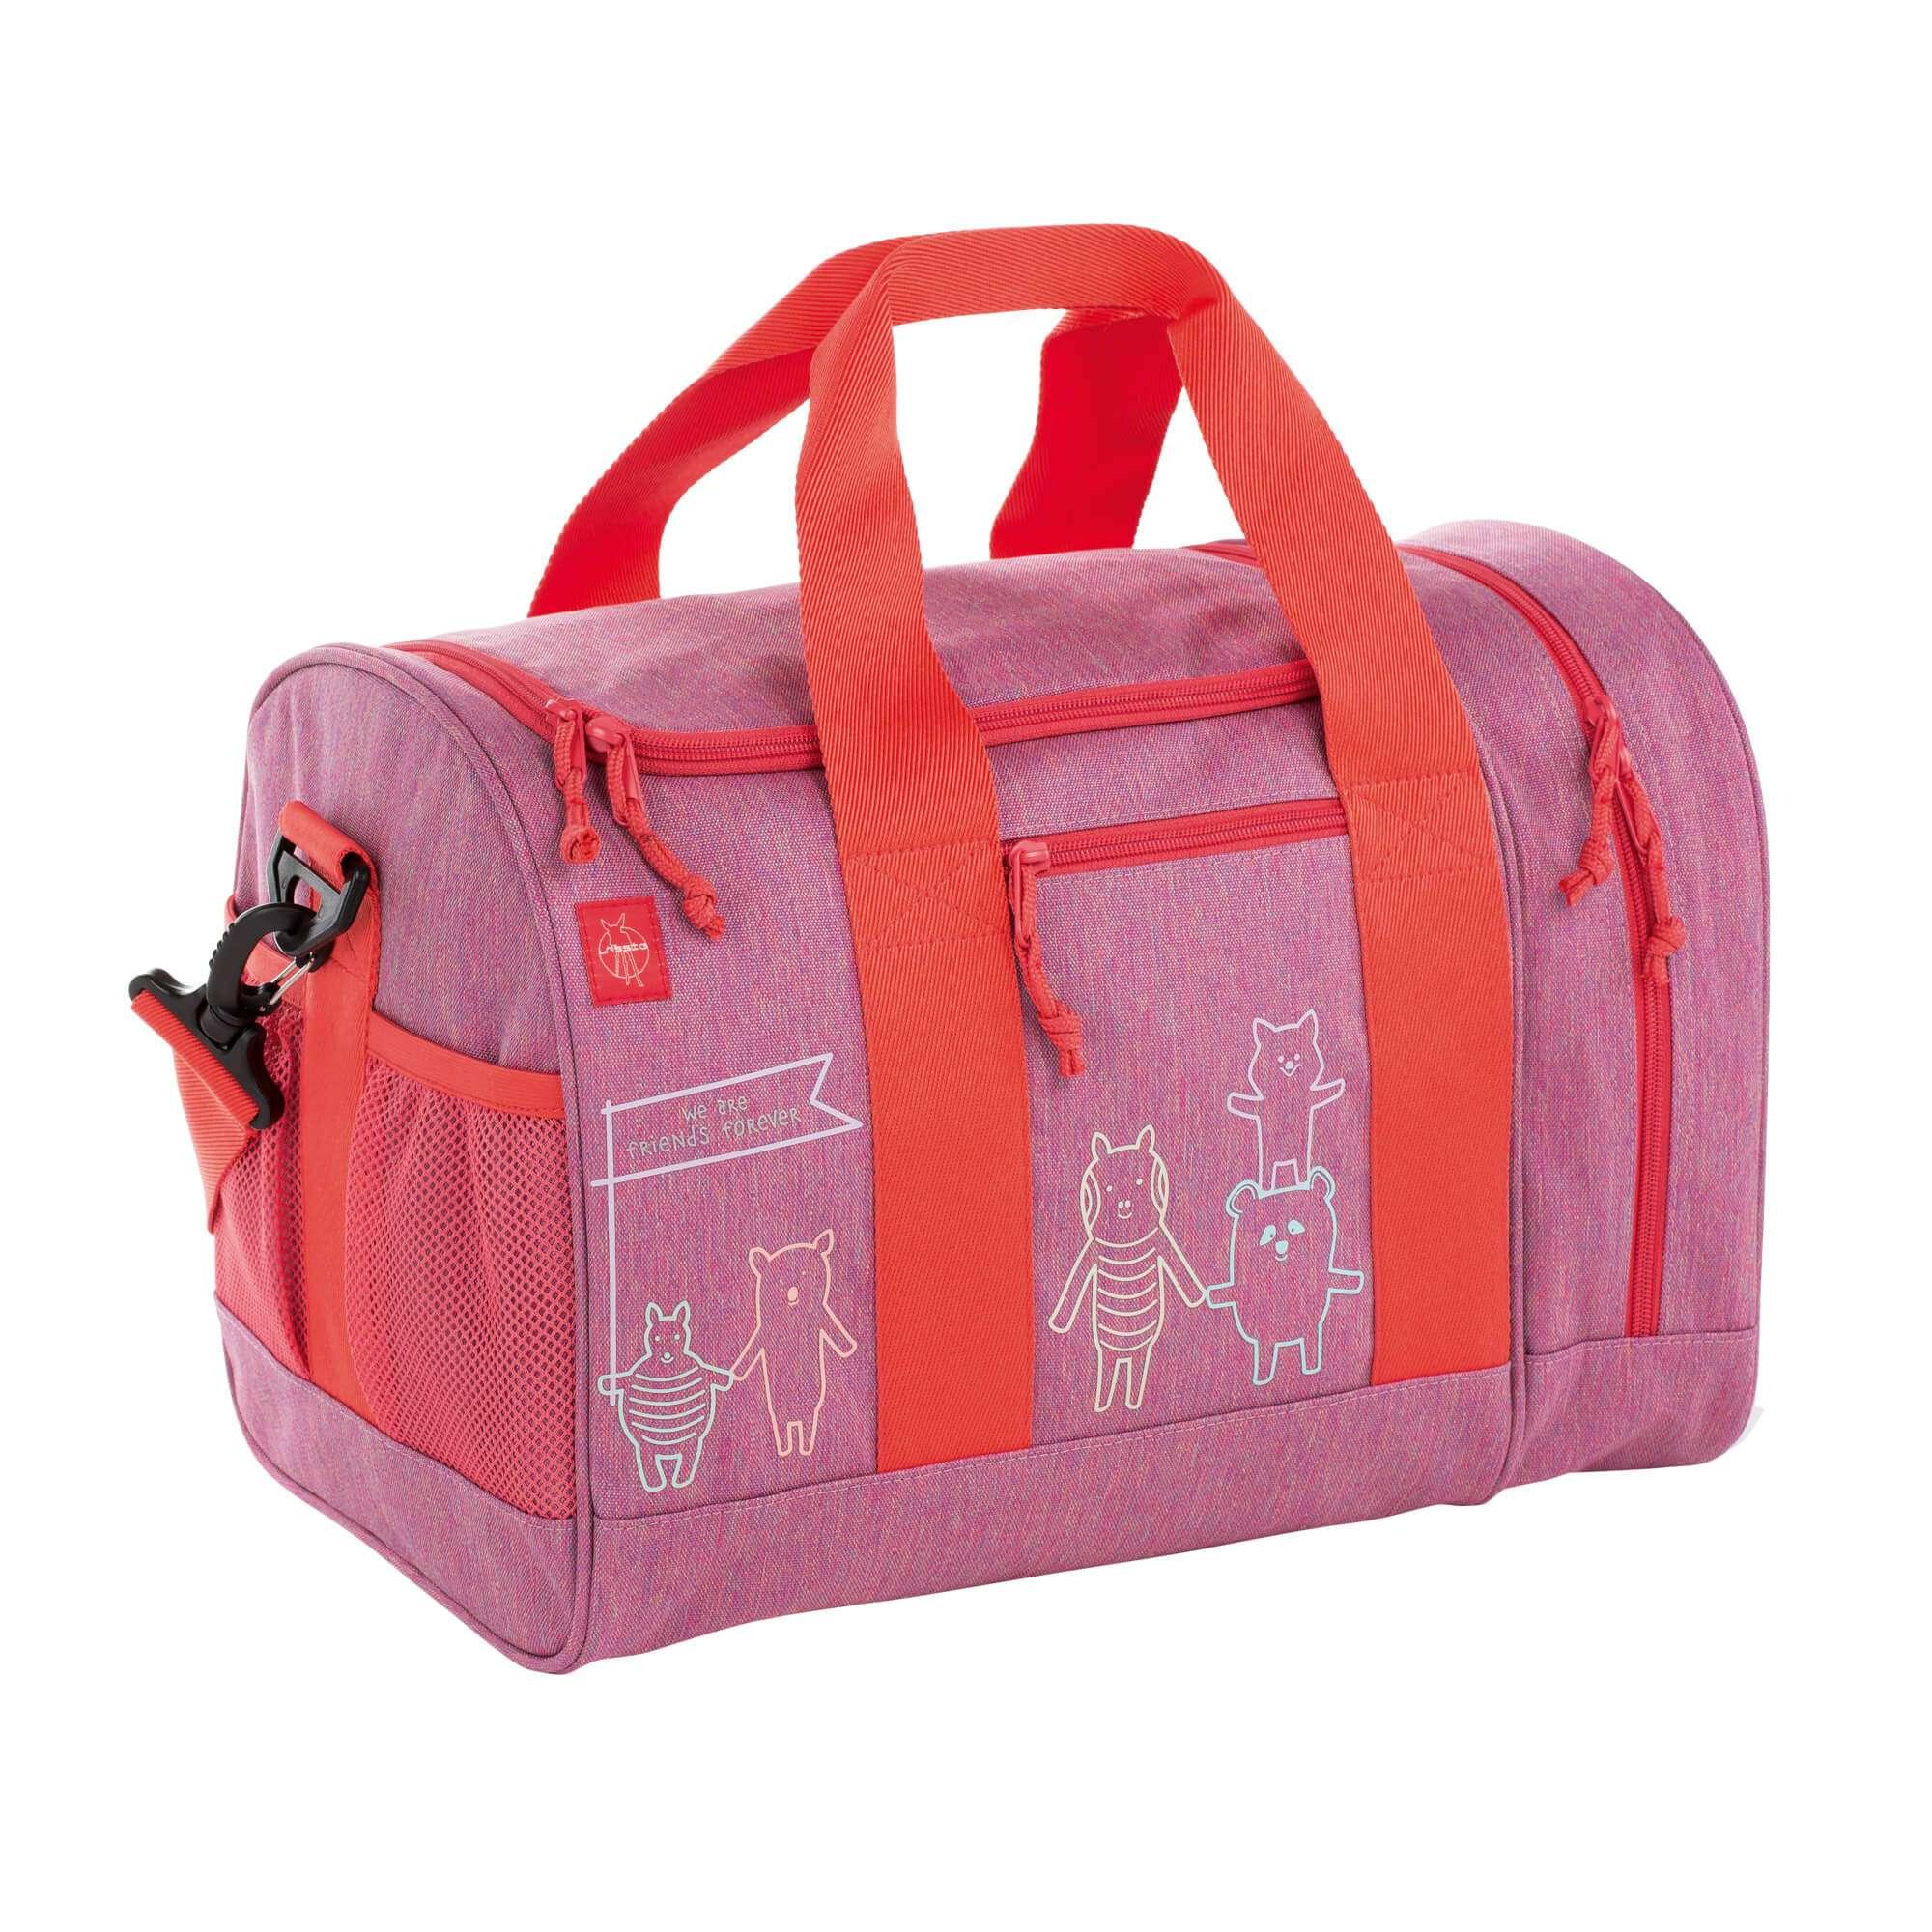 02daf87600266 Lässig Sporttasche - Mini Sportsbag About Friends Mélange Pink ...